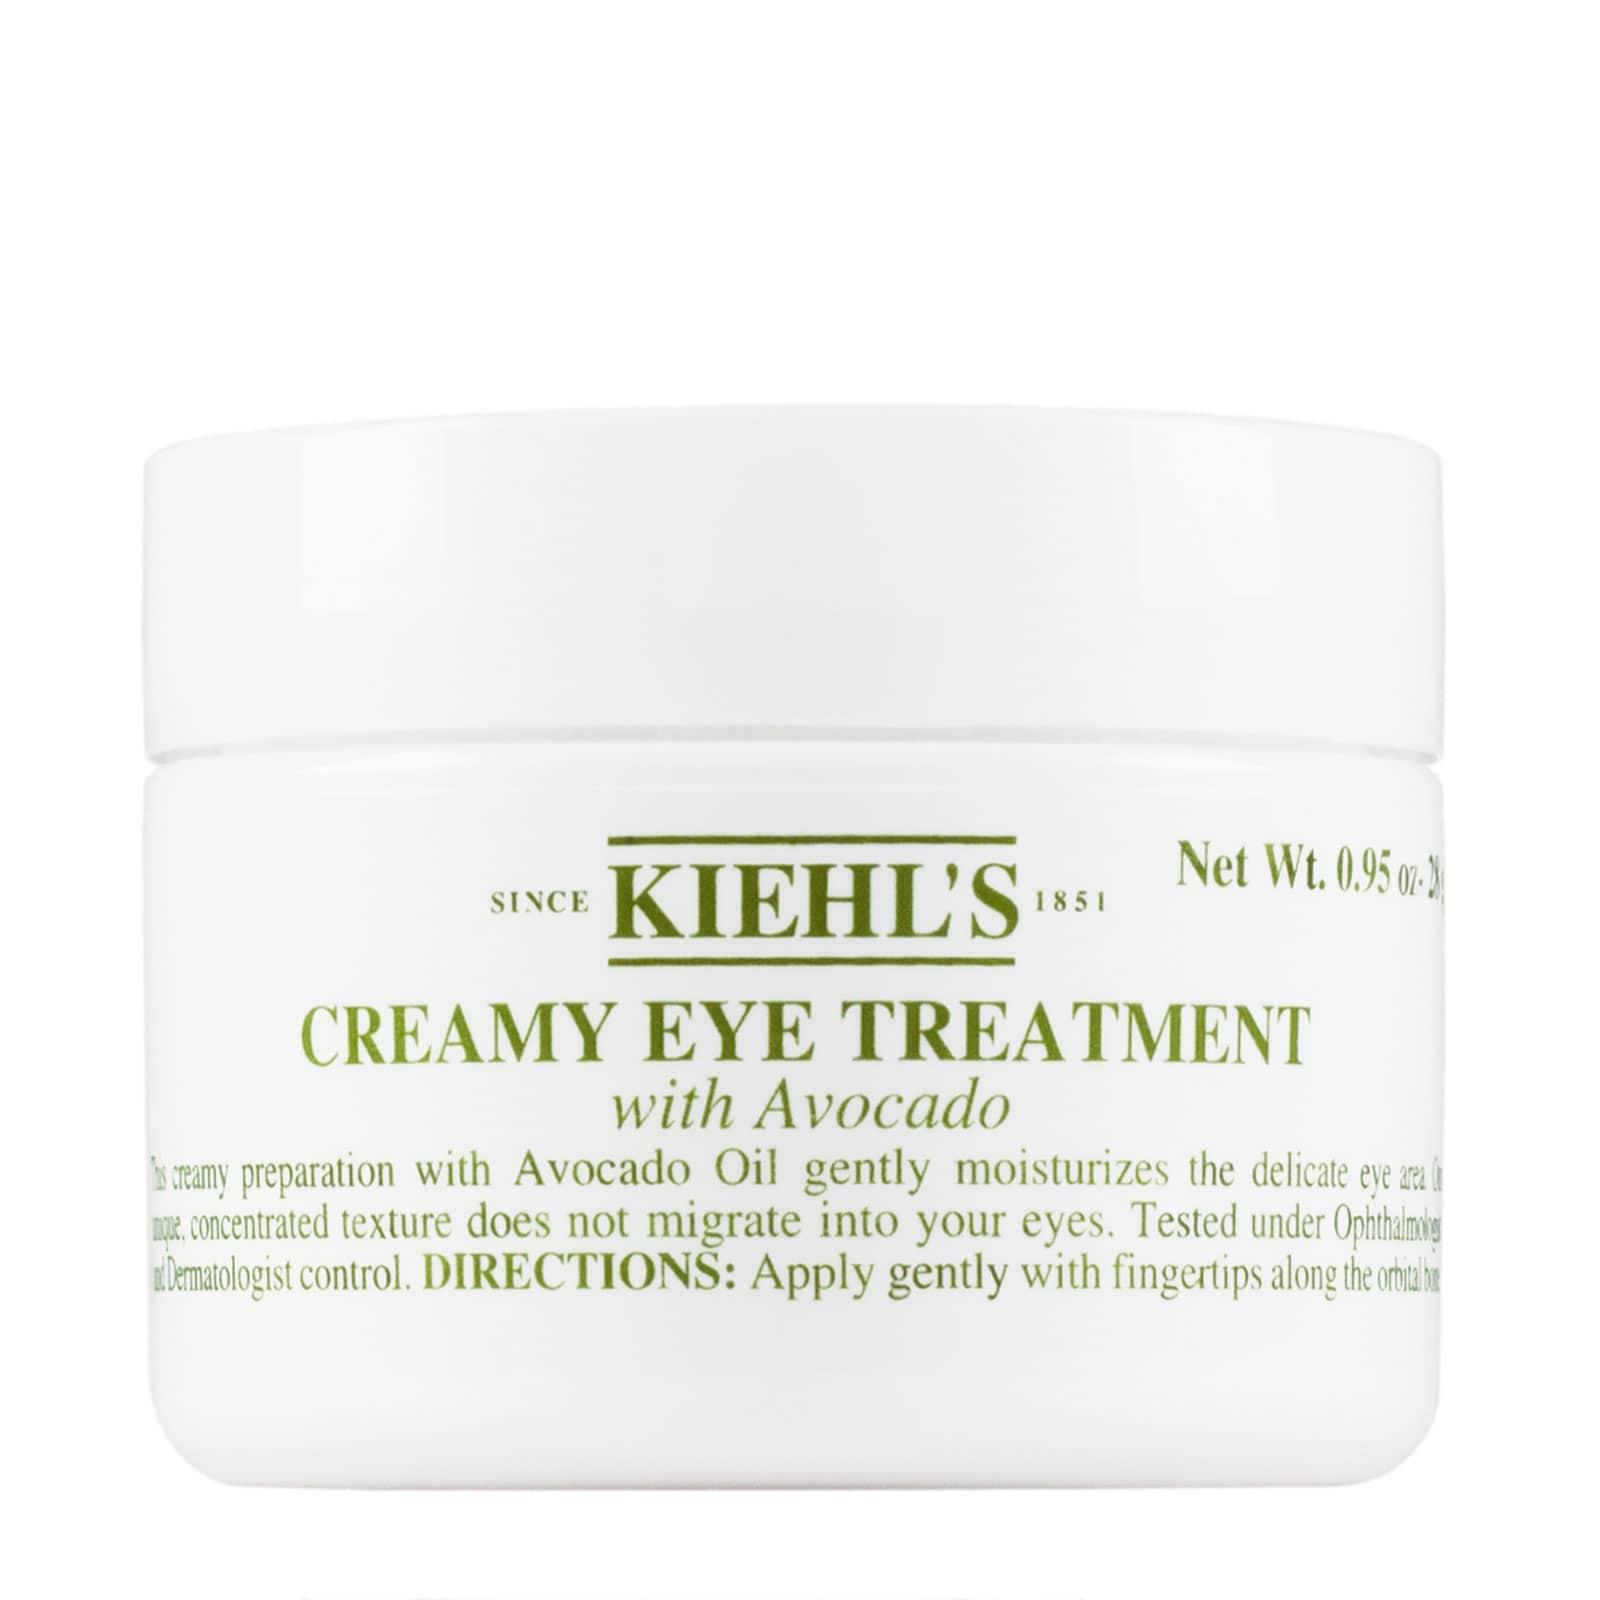 Kiehl's Creamy Eye Treatment with Avocado 88 лв.